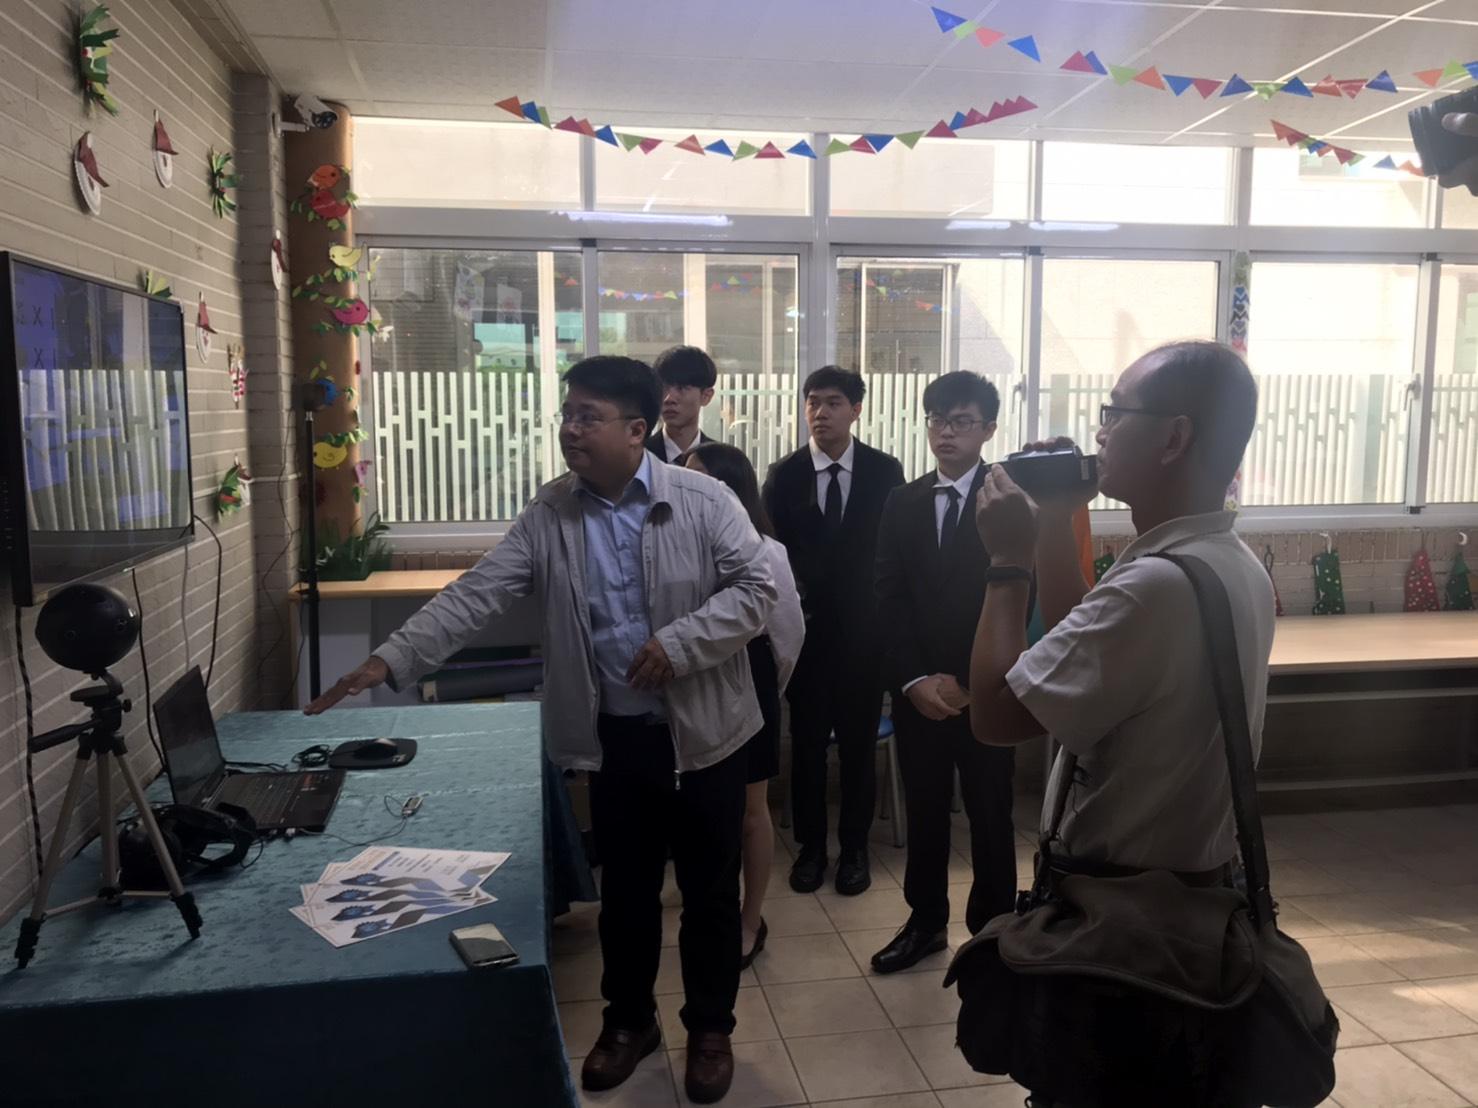 分享文章蘋果日報記者採訪屏東小作, 屏東大學為本會開發虛擬商店 (VR) 作業系統, 訓練孩子至7-11購物方 […]